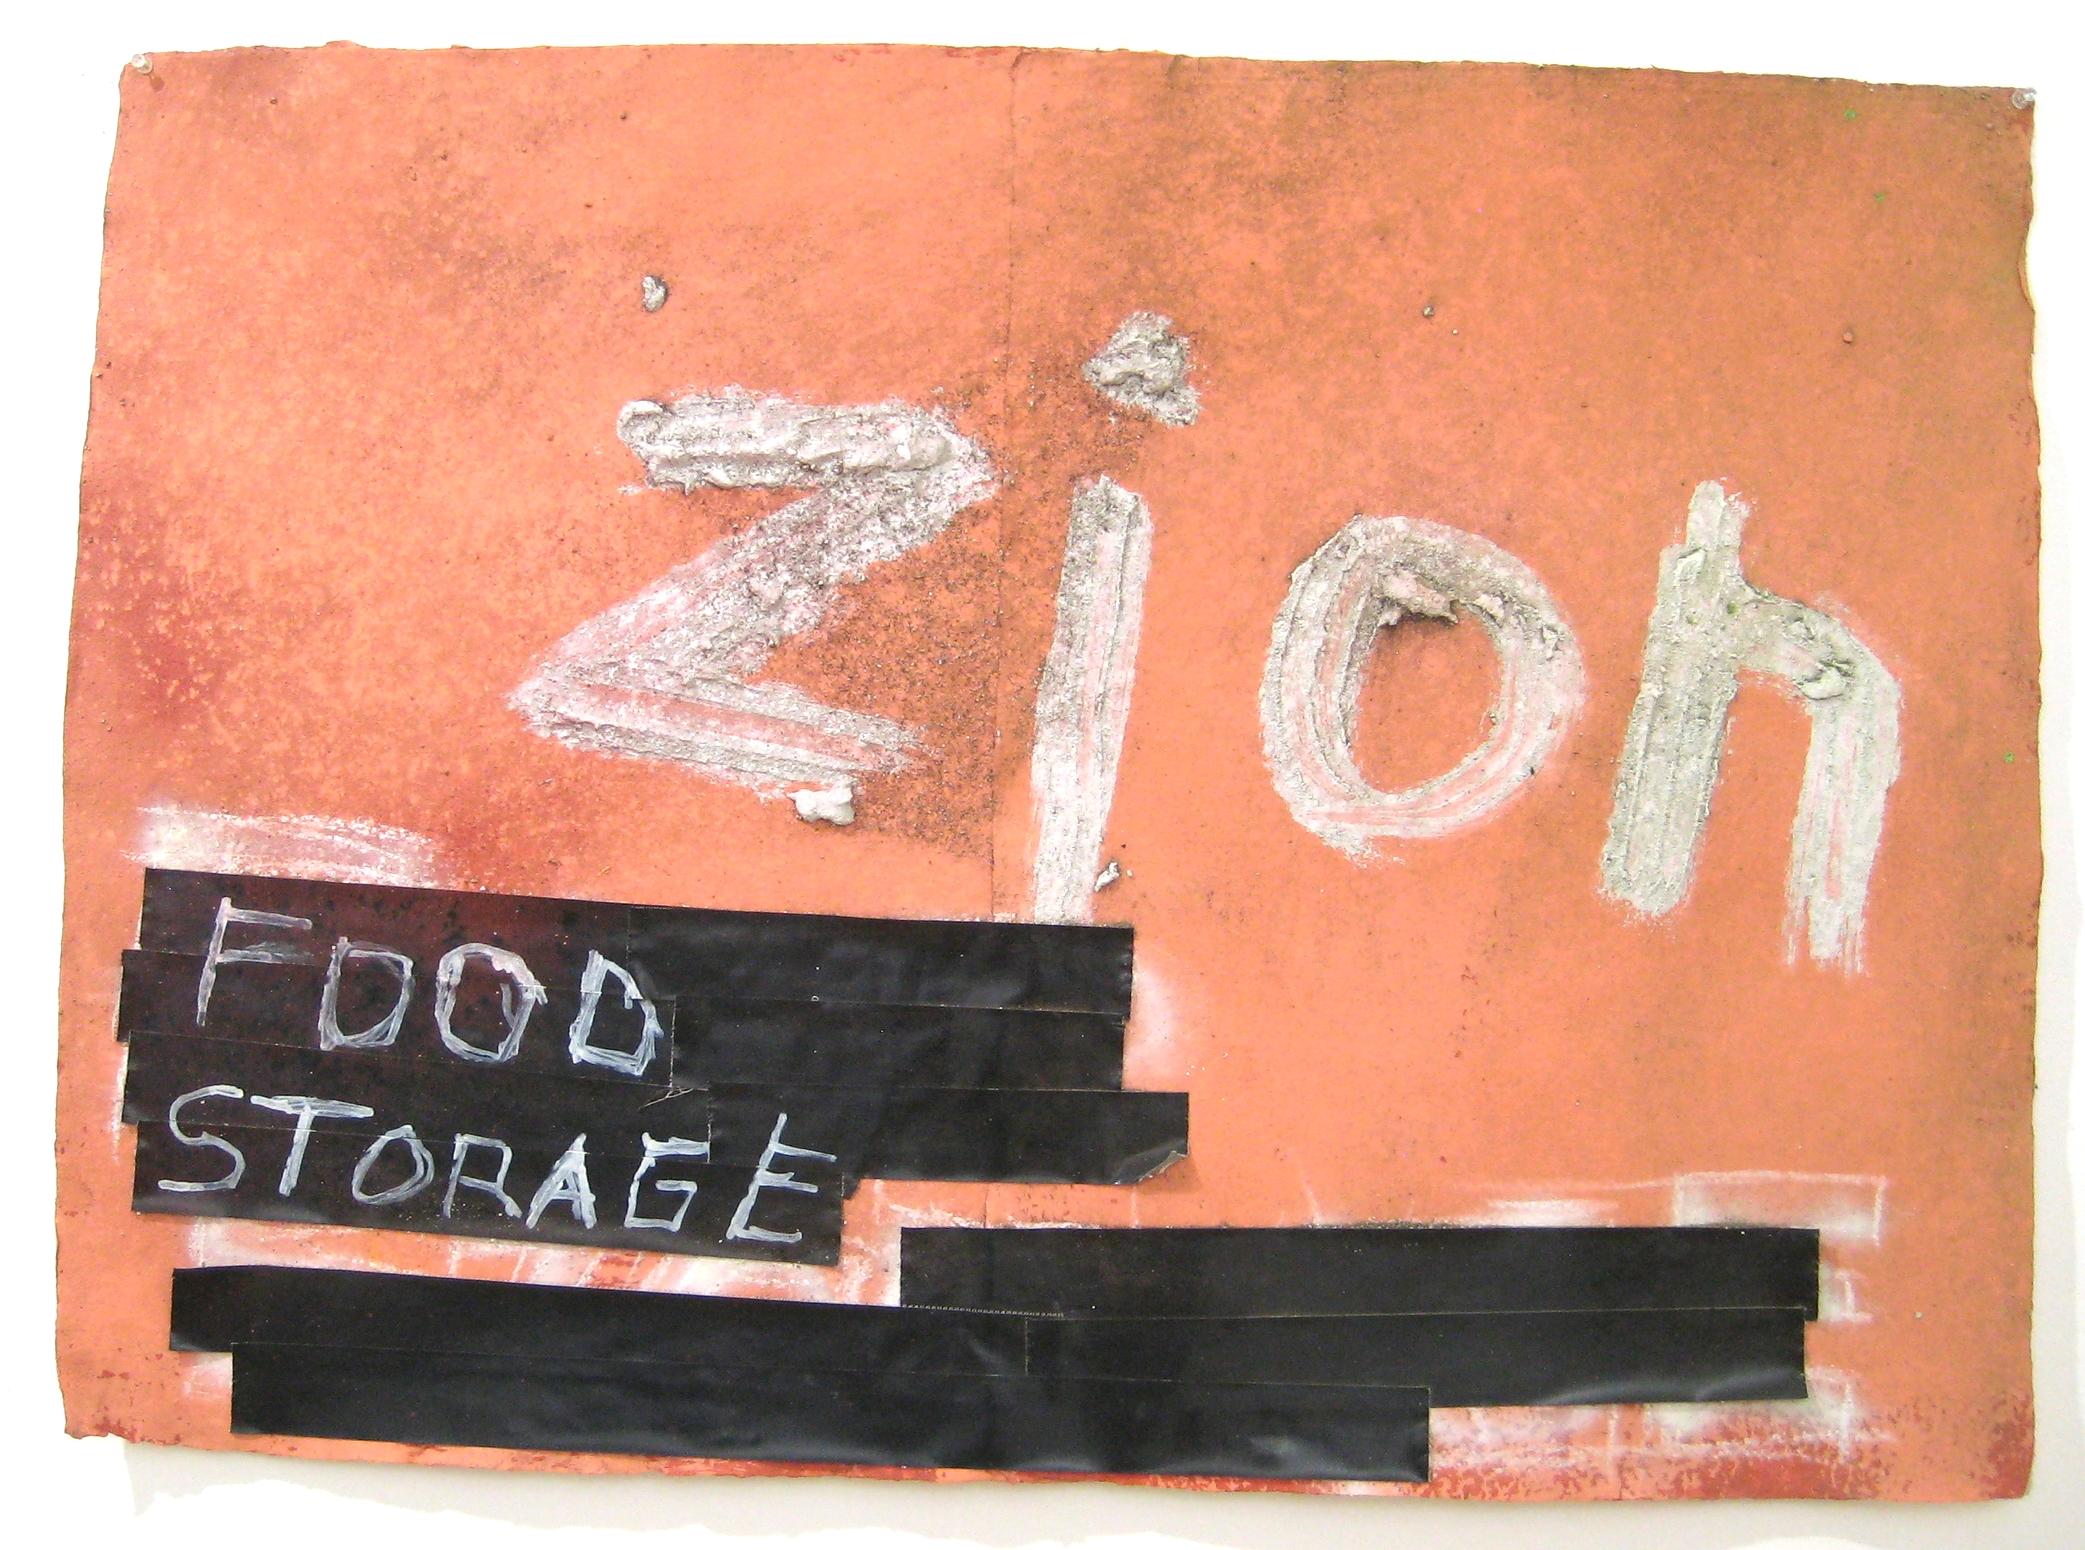 Zion / Food Storage